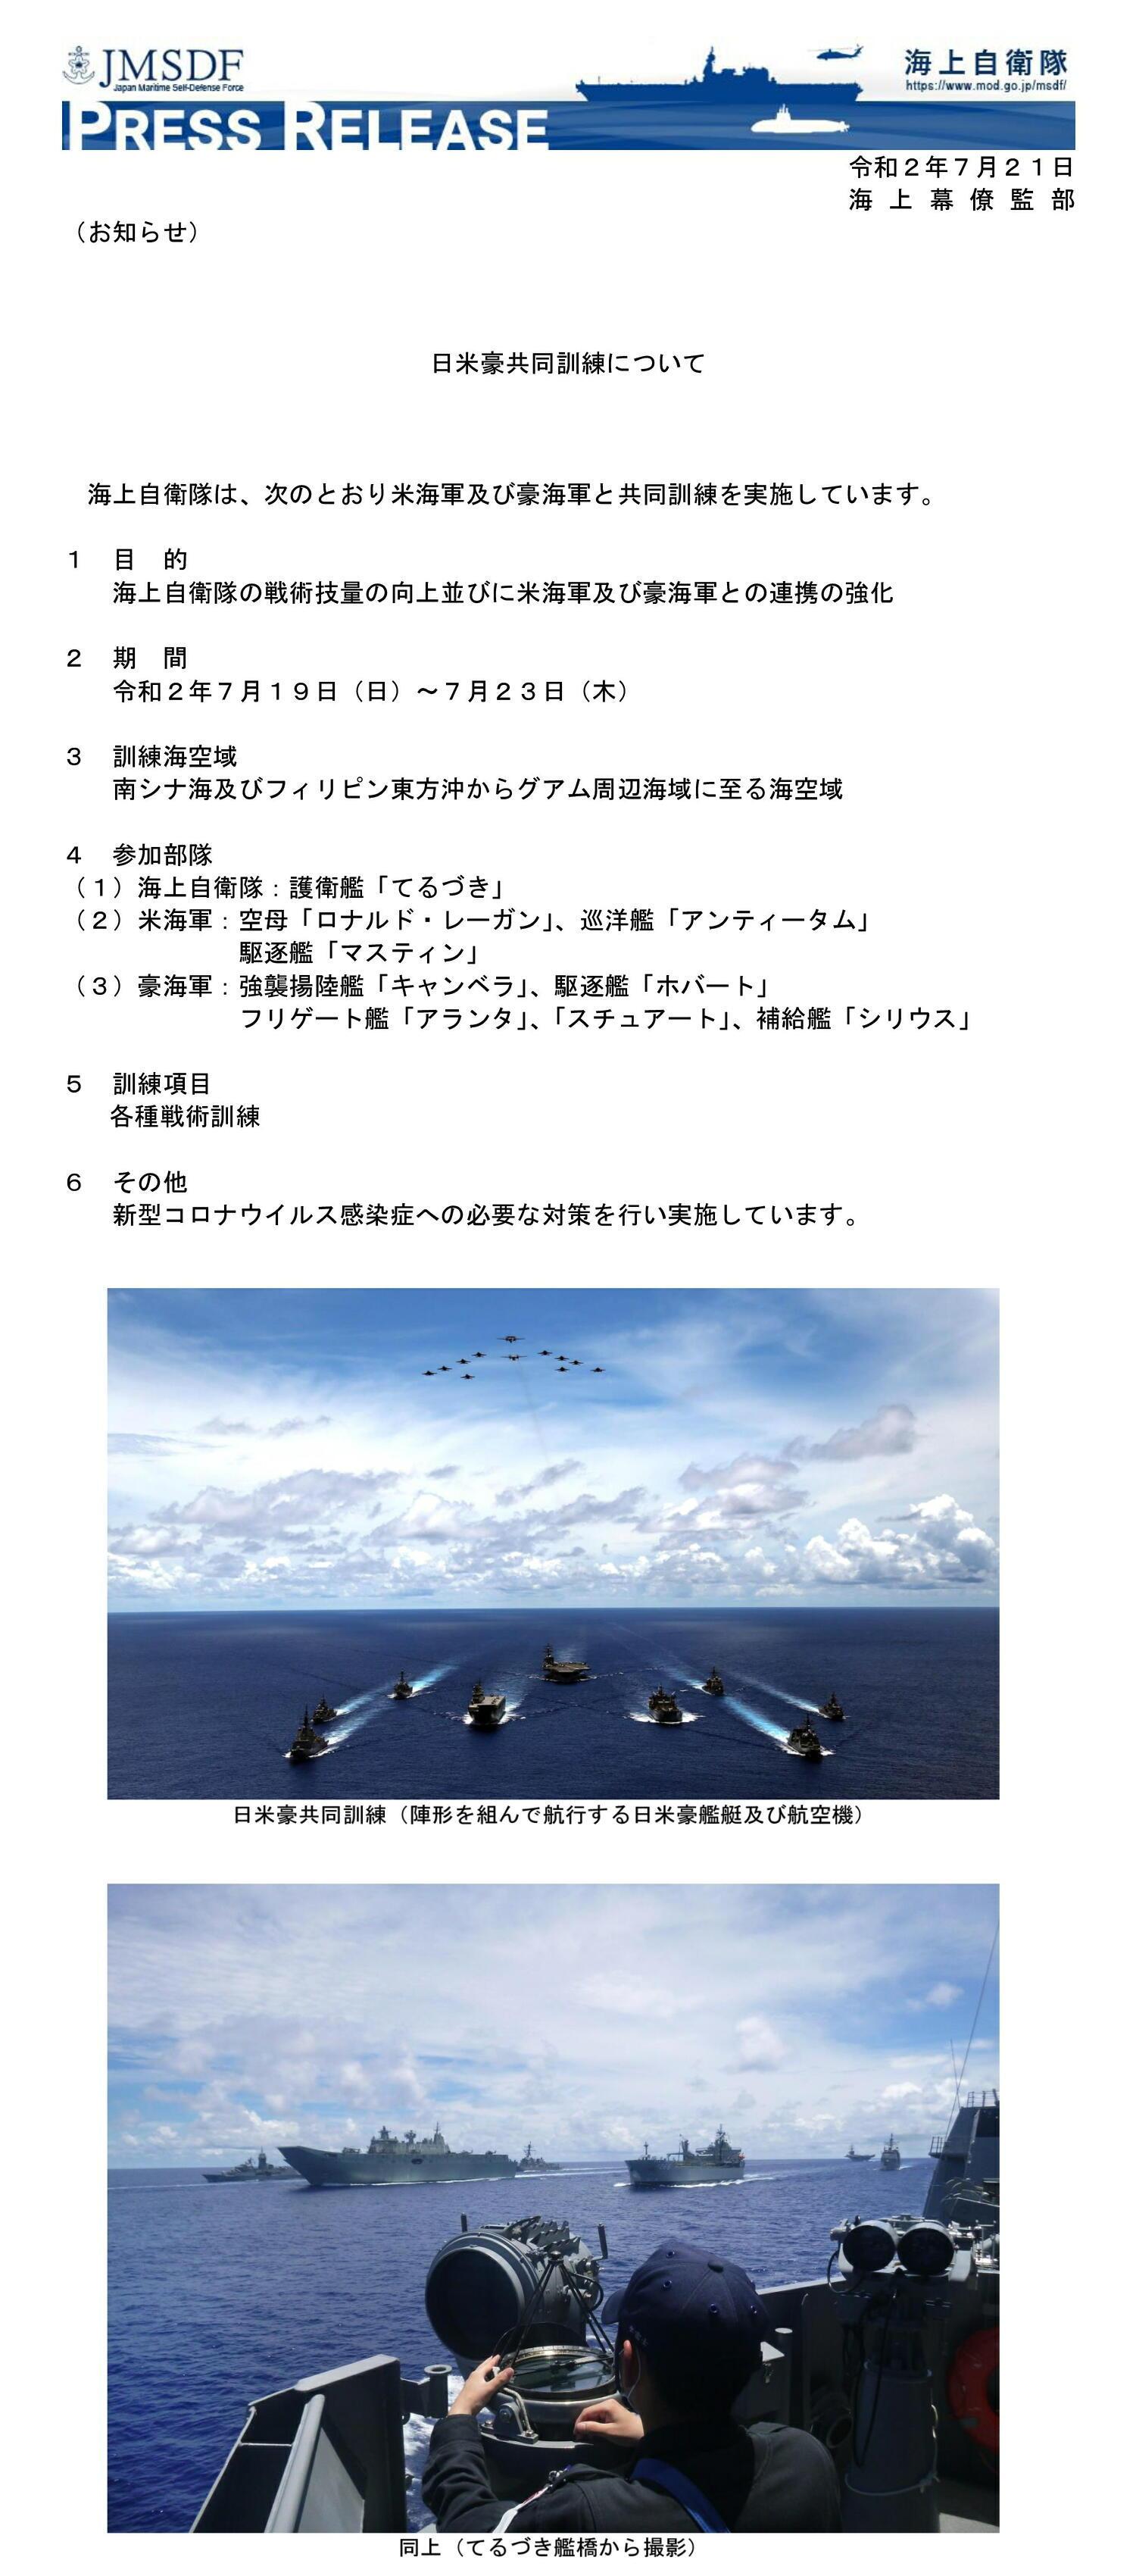 海自プレスリリース2020 0721 日米豪共同訓練